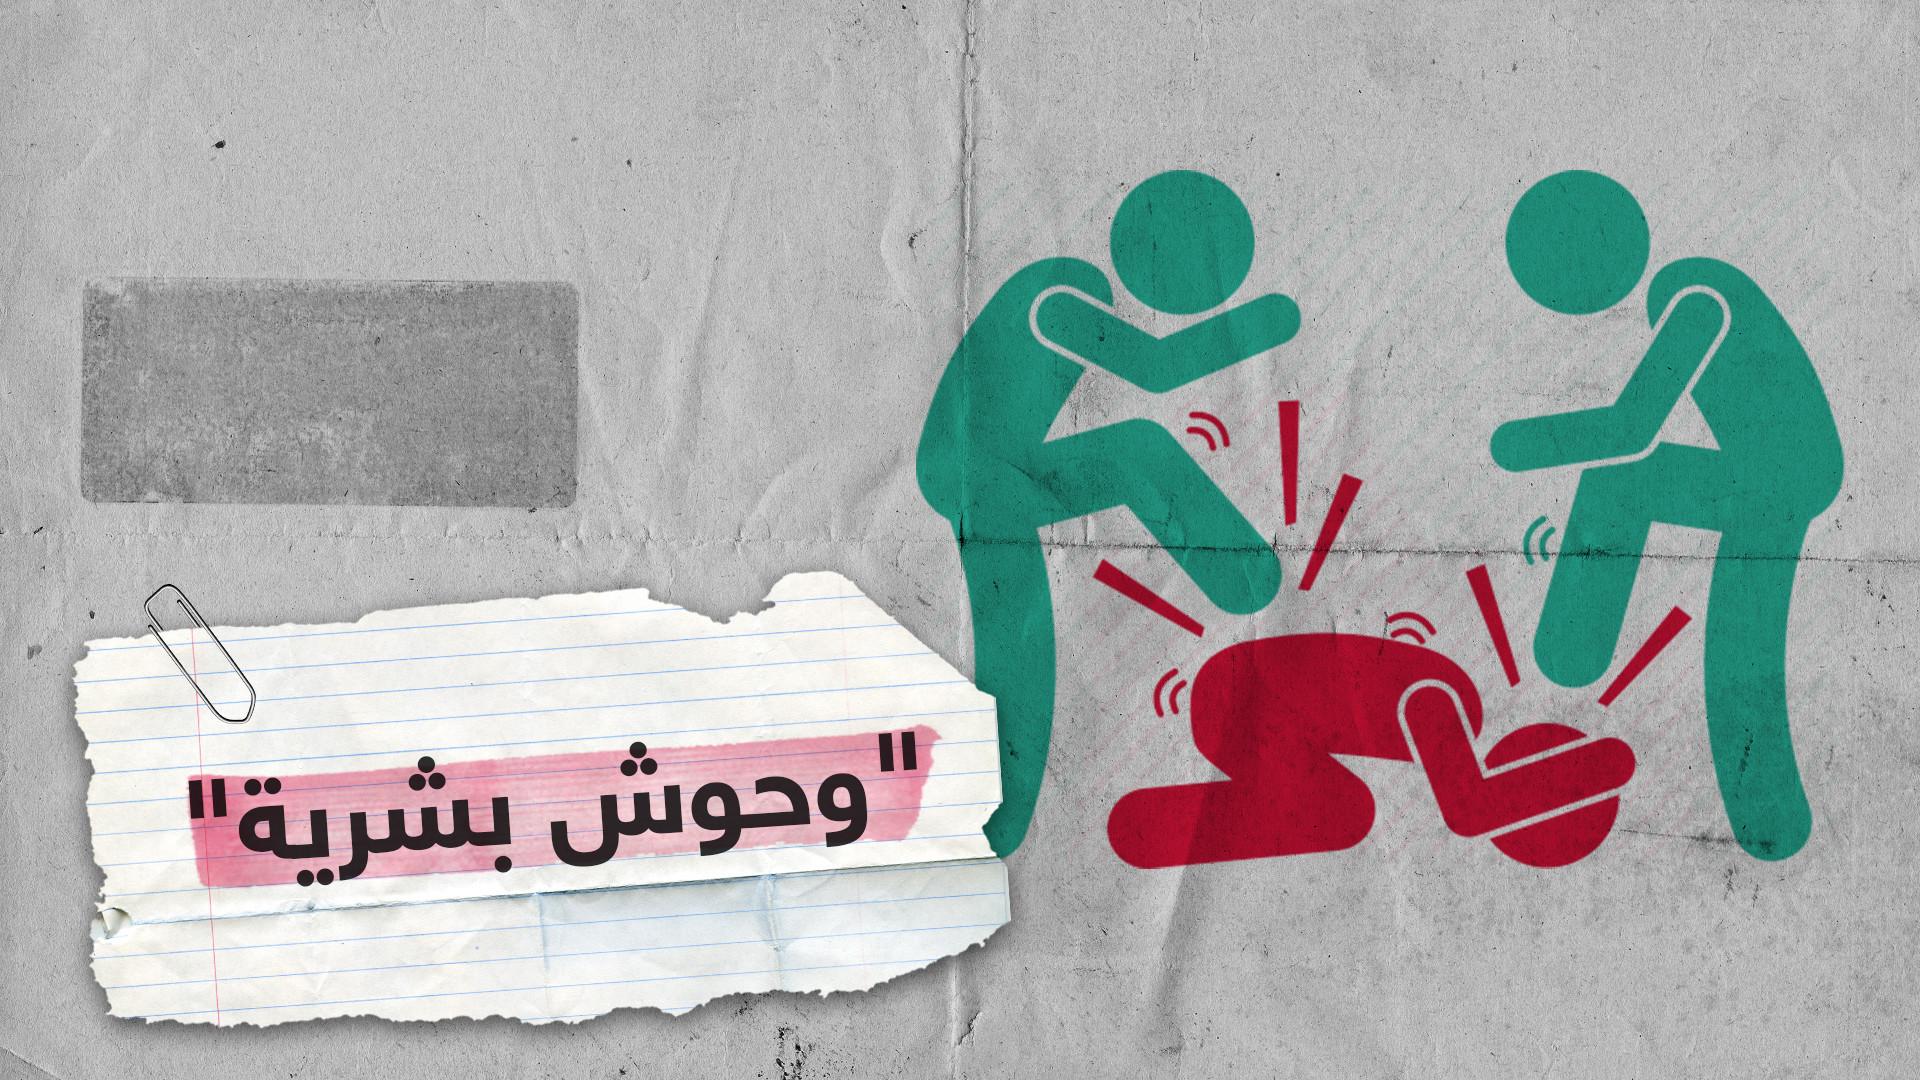 بسبب ضرب شاب من ذوي الإعاقة.. غضب كبير على مواقع التواصل بمصر